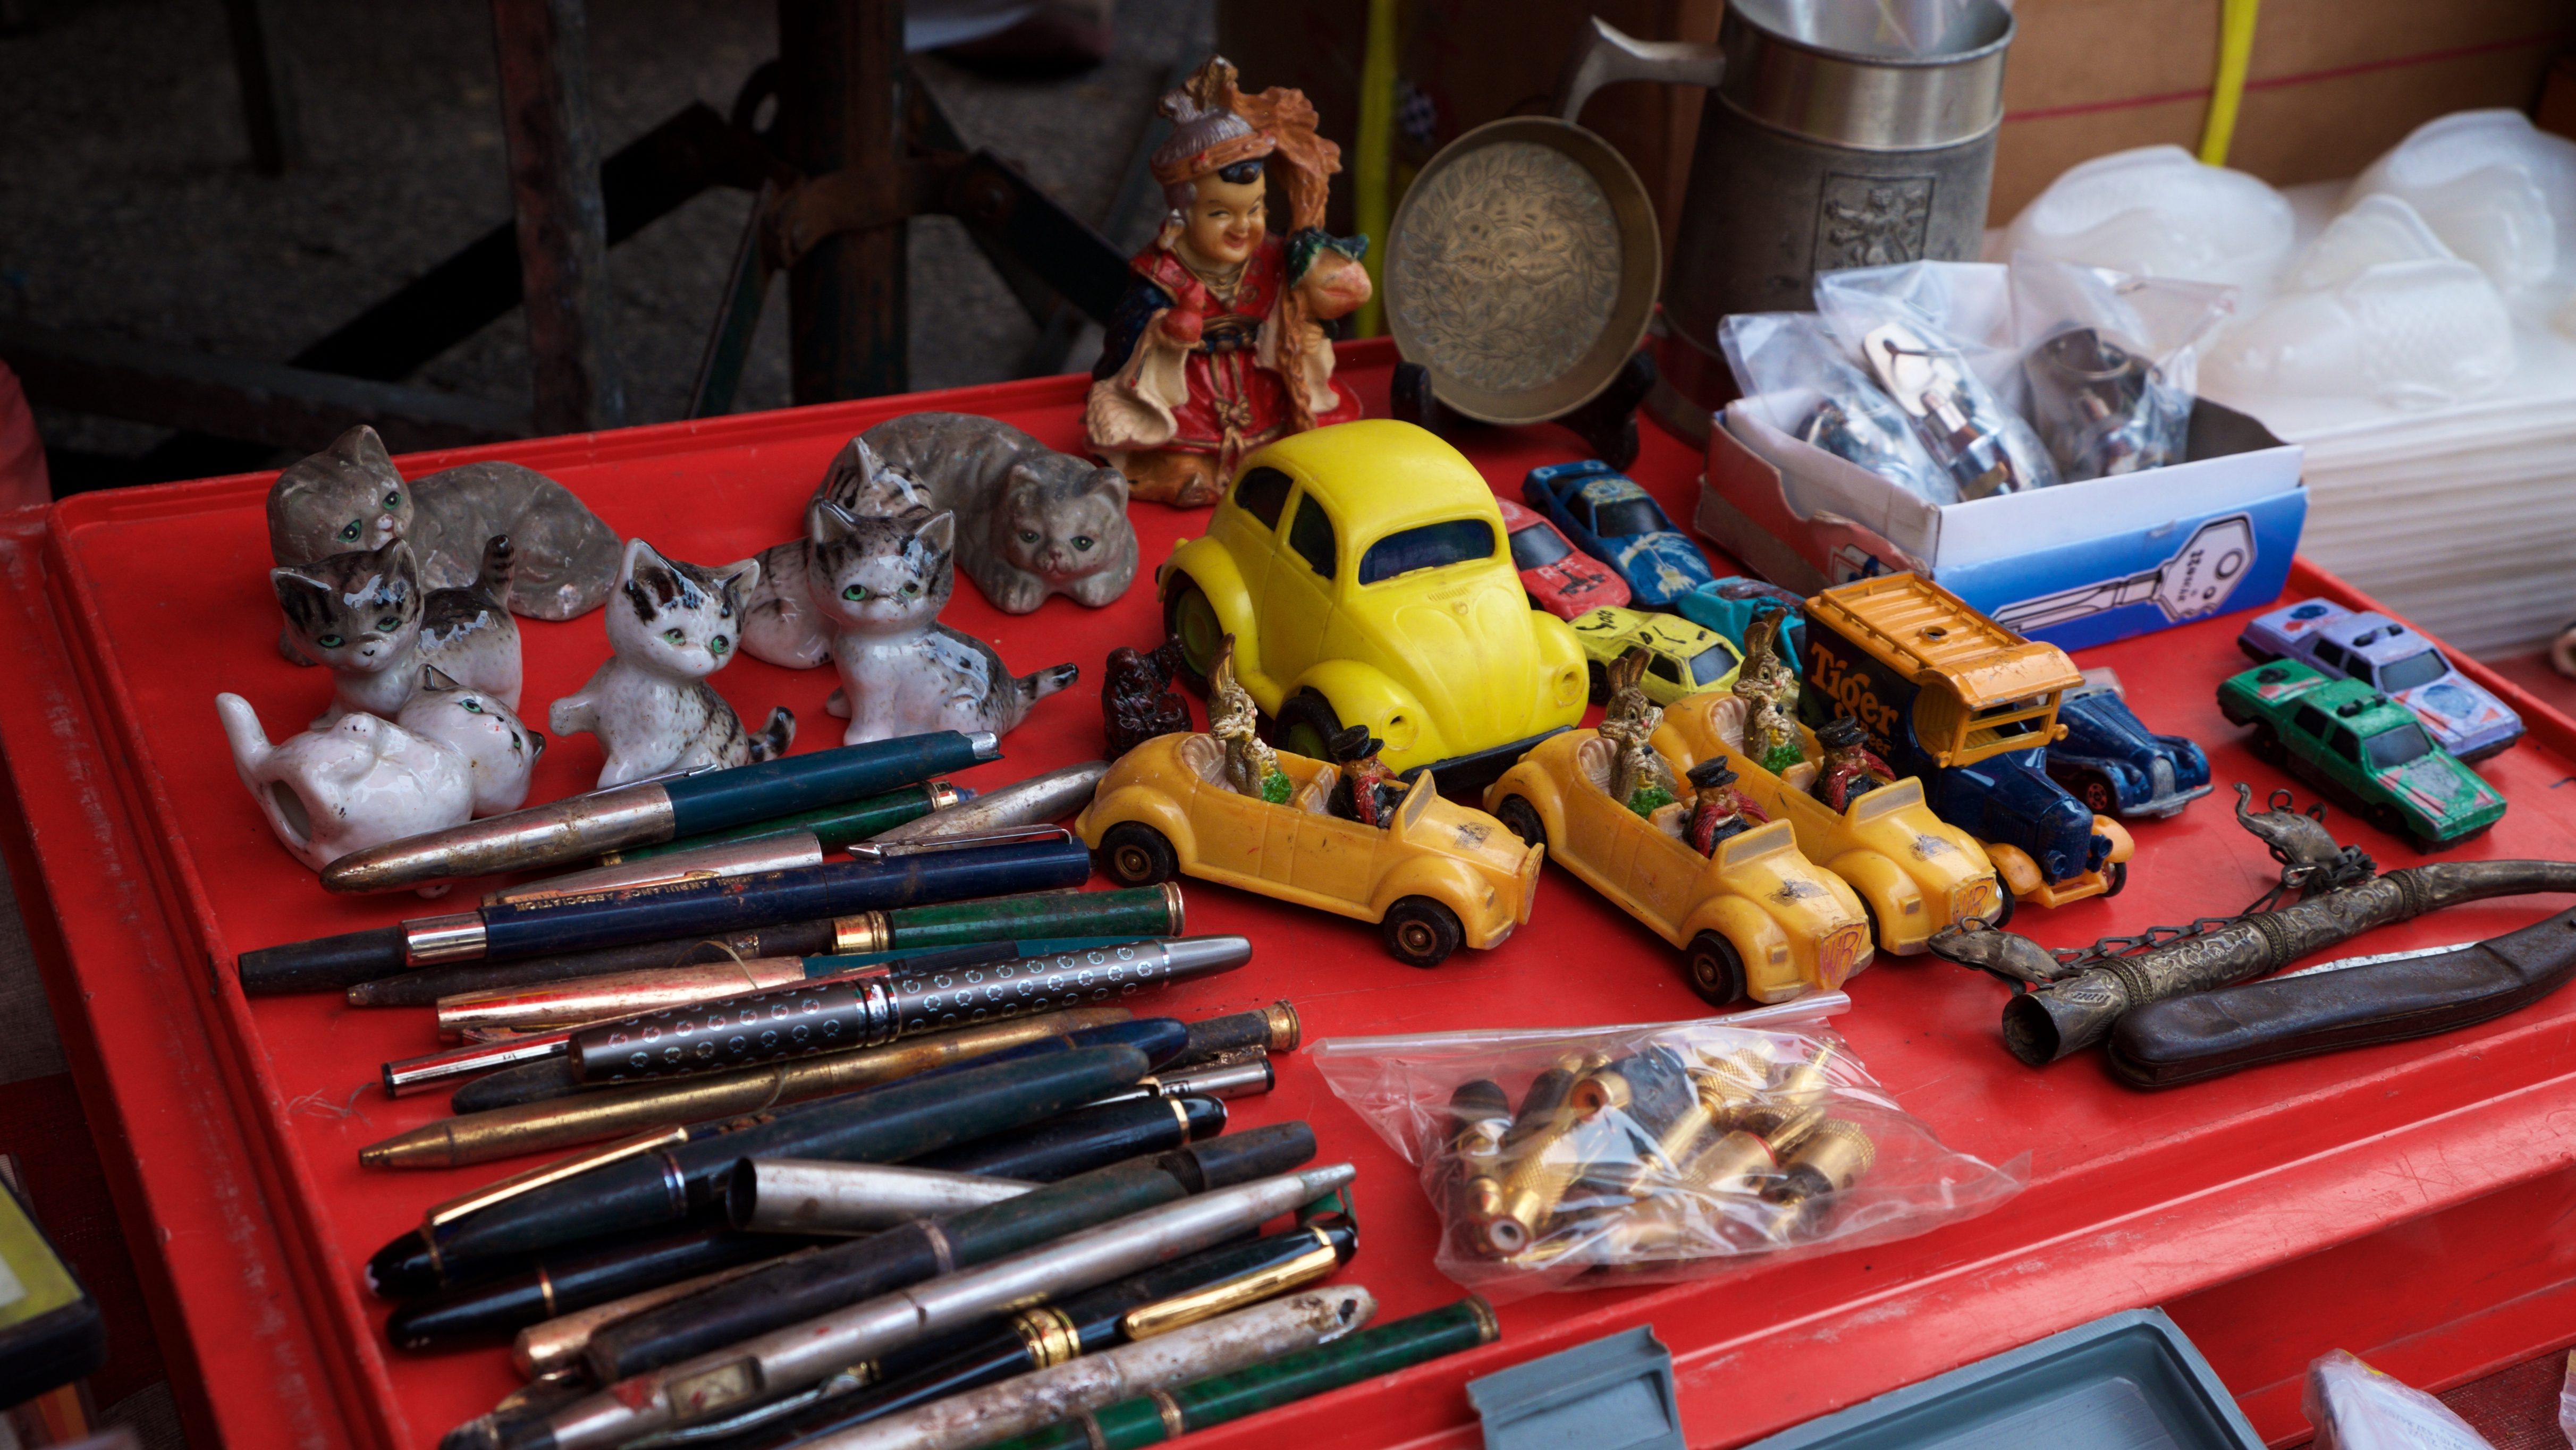 Koh Ah Koon's stall